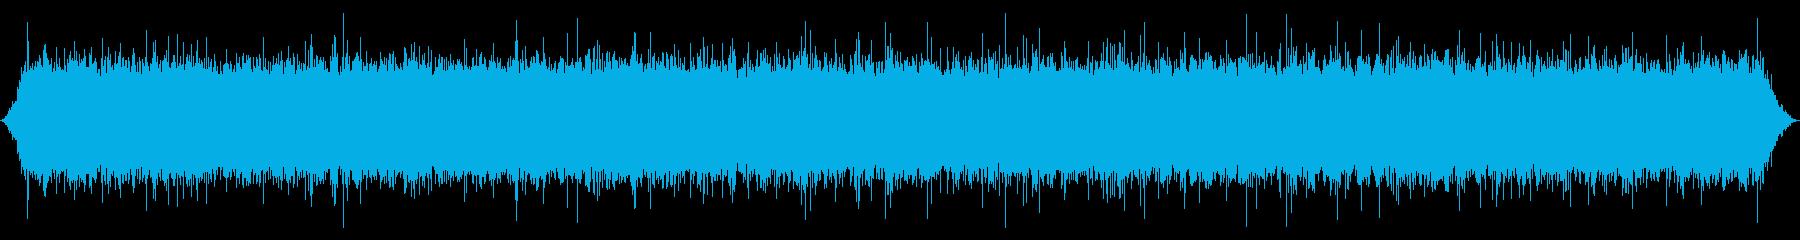 川:中深層バブリングフローの再生済みの波形